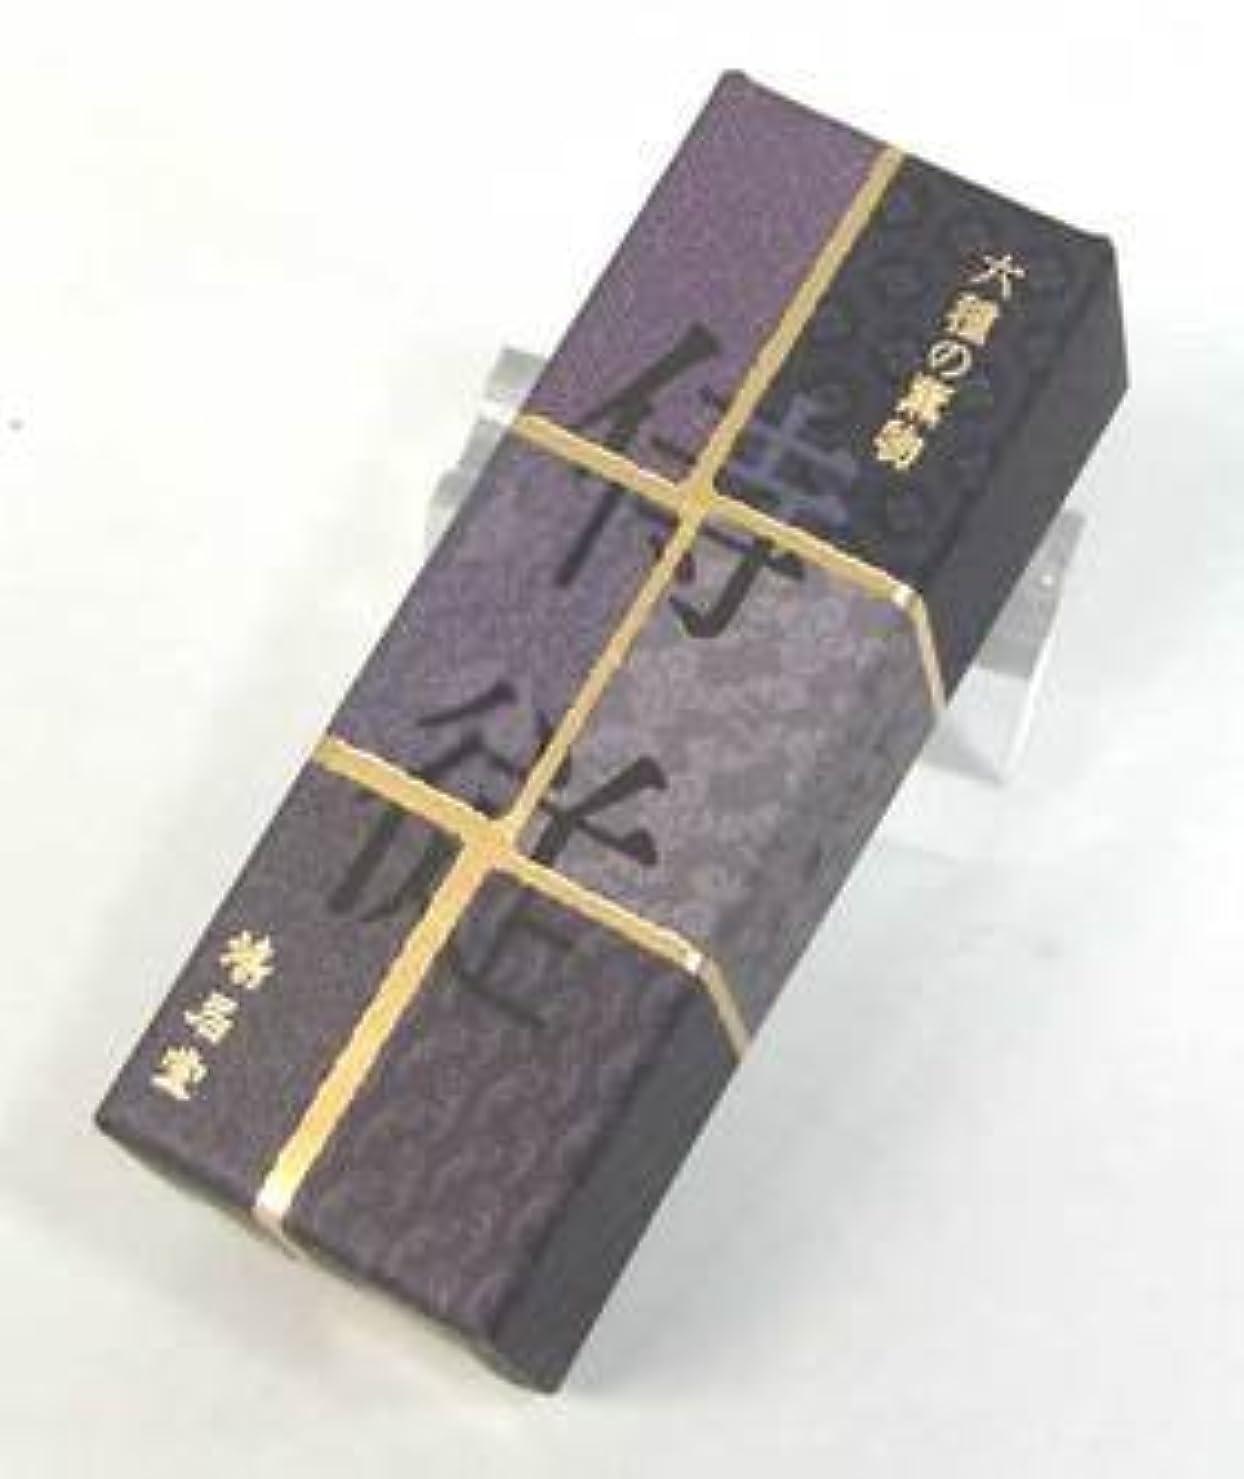 リブマークされたトラフ鳩居堂 お香 侍従(じじゅう)六種の薫物(むくさのたきもの)シリーズ スティックタイプ(棒状香)20本いり